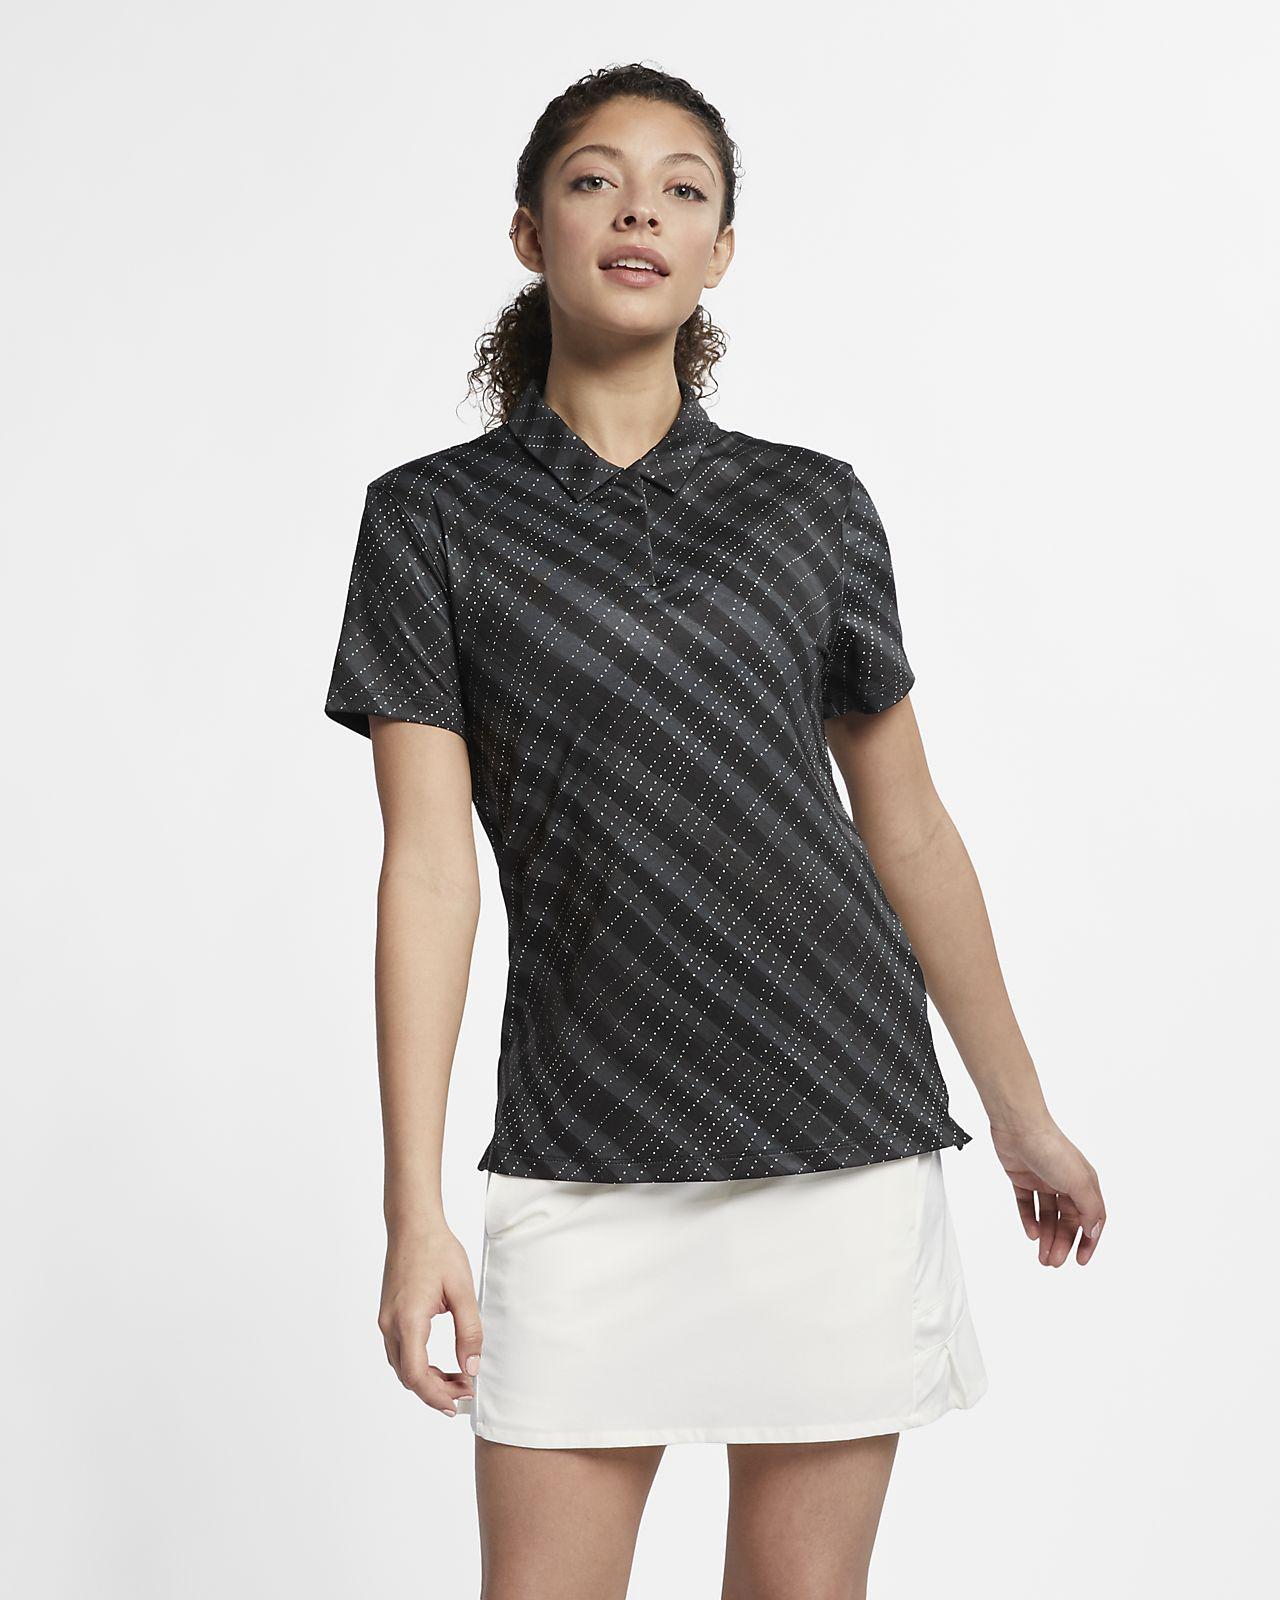 Golfpikétröja med tryck Nike Dri-FIT för kvinnor